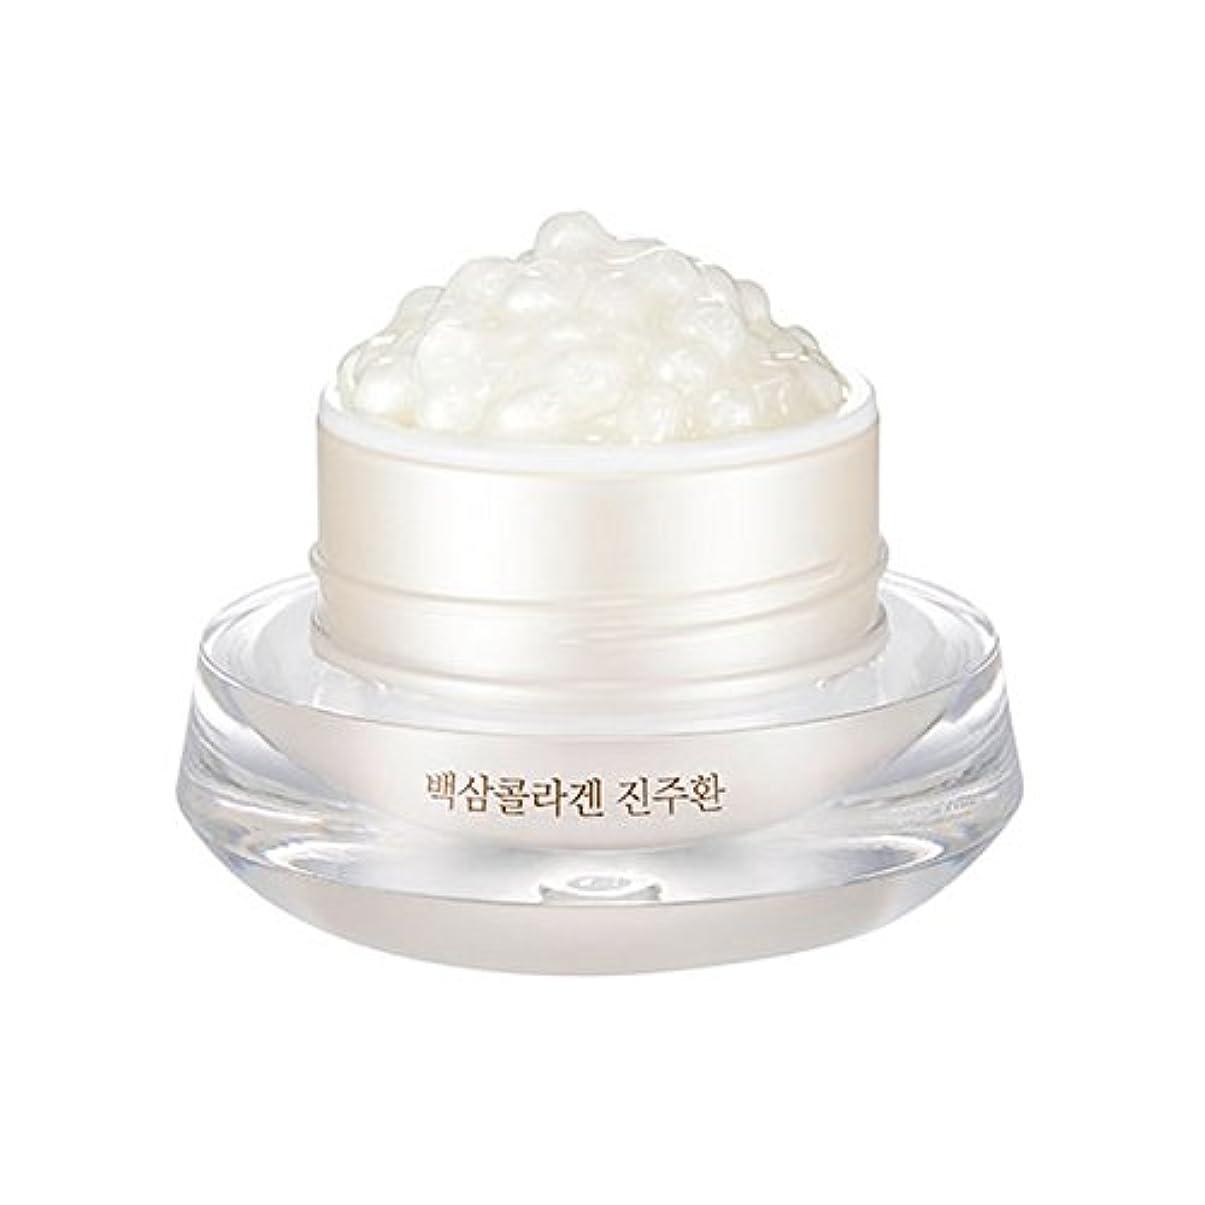 主人マトリックス特徴[ザ?フェイスショップ] The Face Shop 白参 コラーゲン パール カプセルクリーム White Ginseng Collagen Pearl Capsule Cream [並行輸入品]